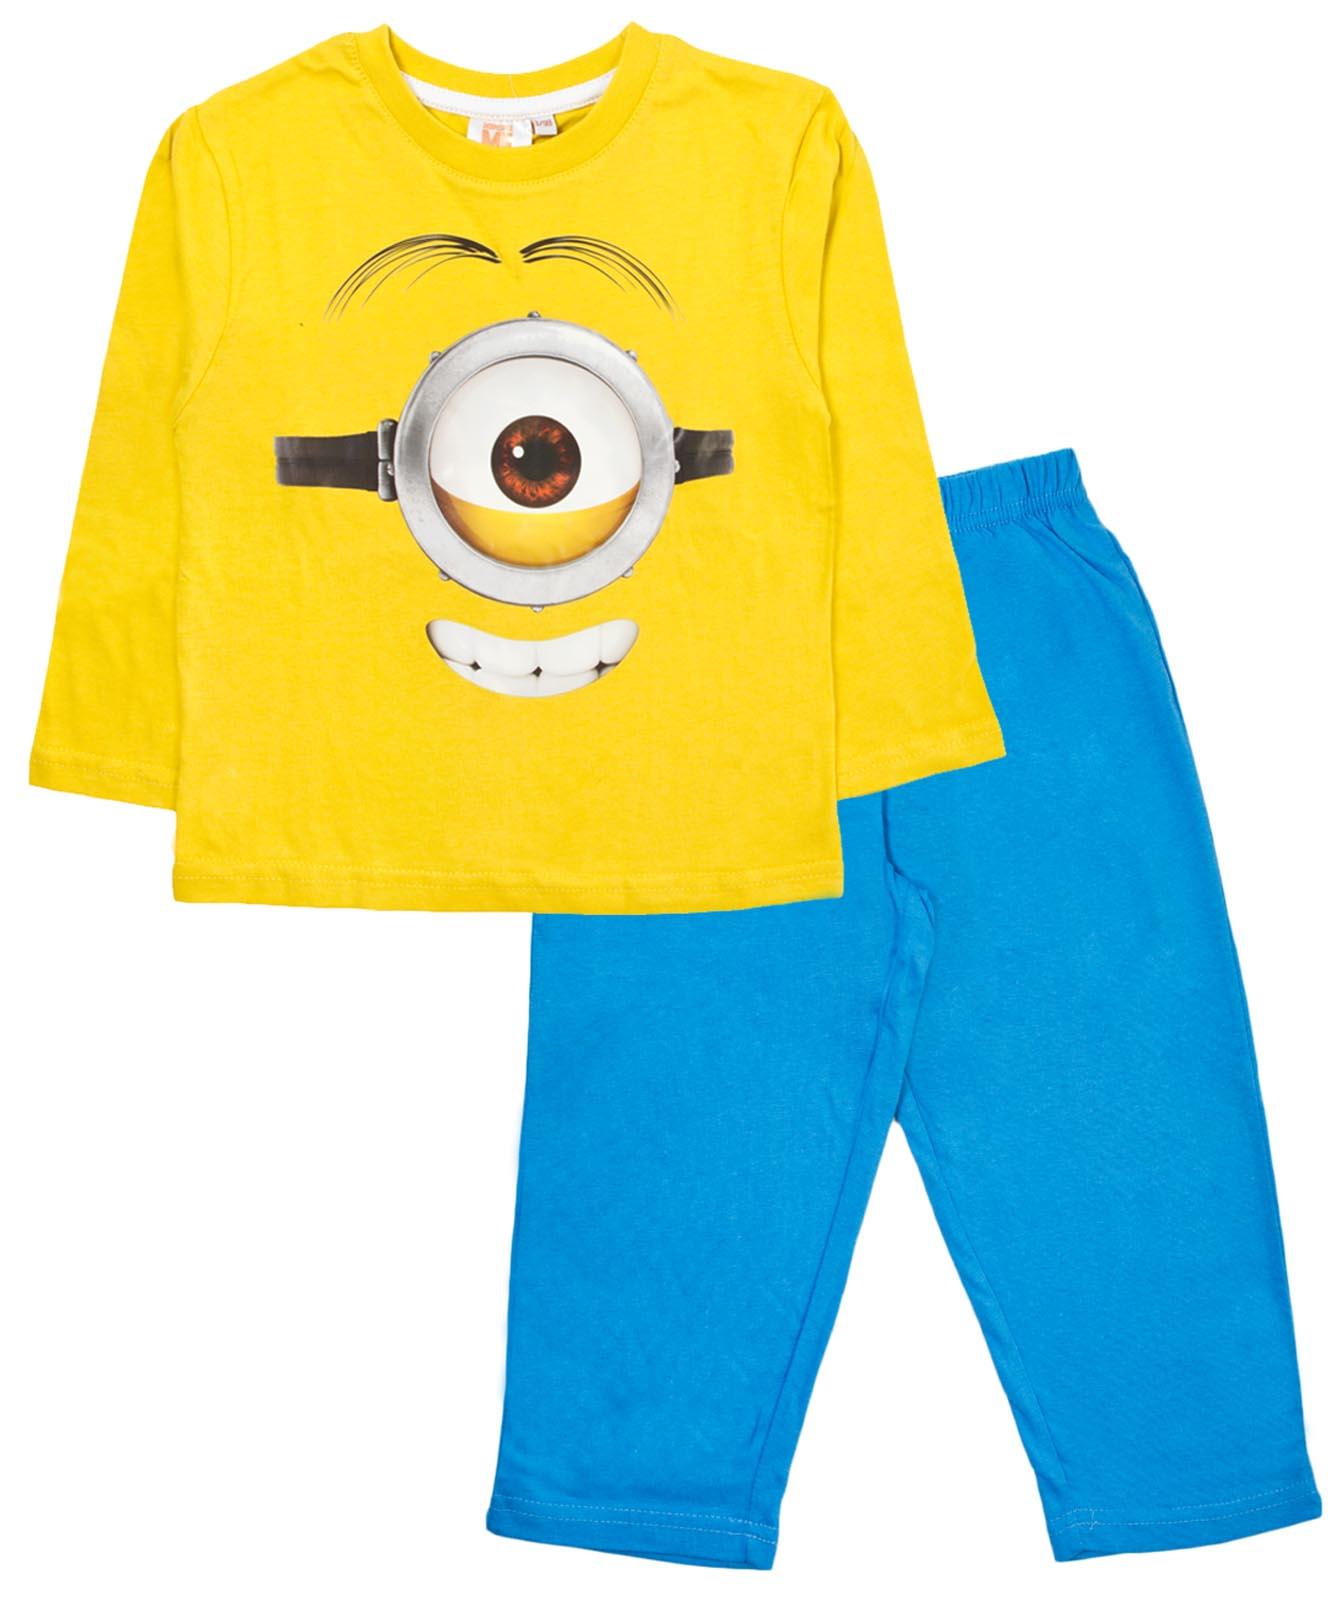 Ragazzi Minion Pigiama 100/% COTONE CATTIVISSIMO ME piena lunghezza Pjs Kids Nightwear